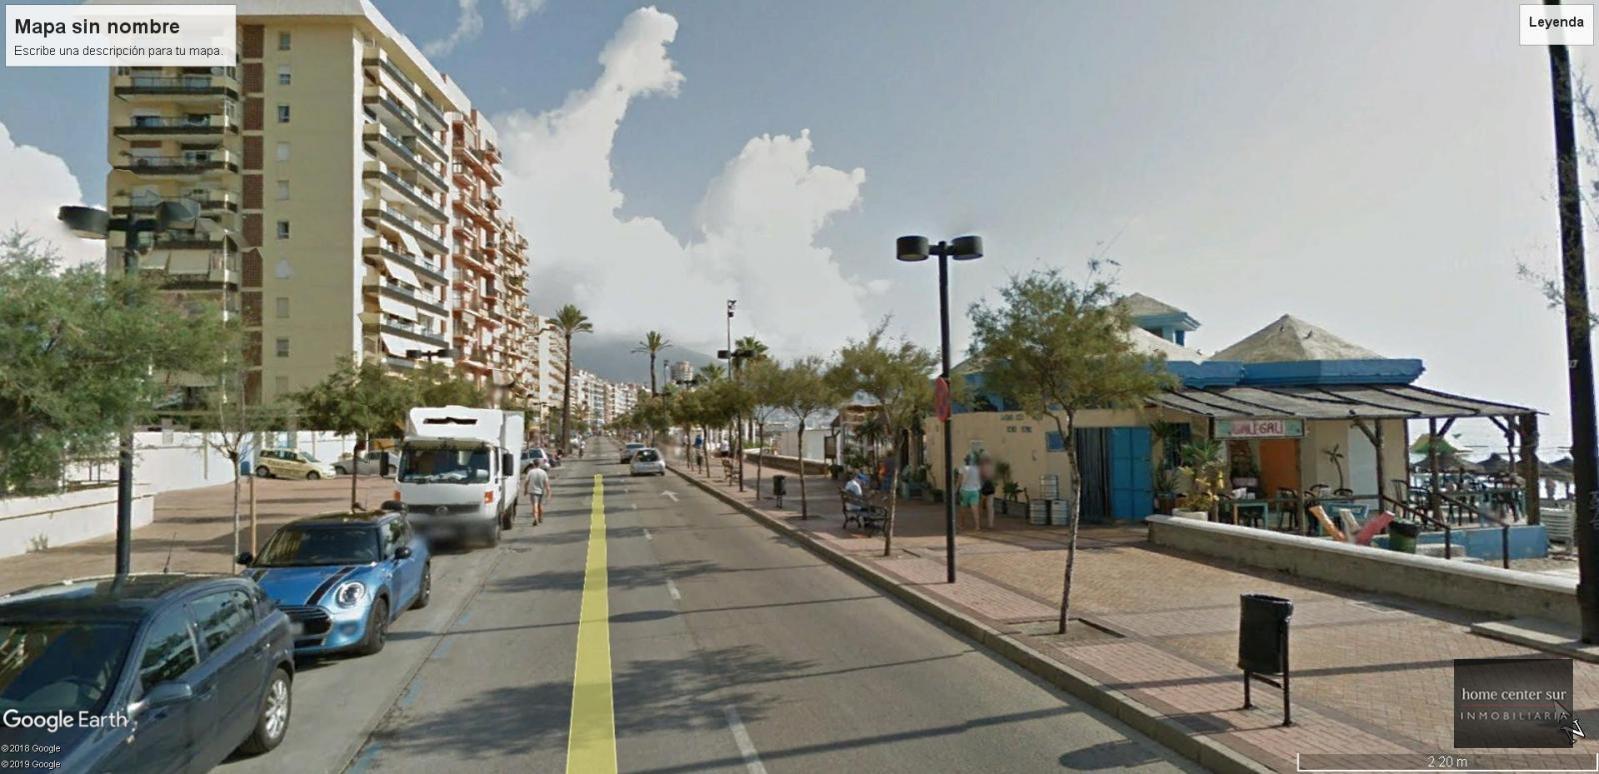 Inversión en Paseo Marítimo Rey de España (Fuengirola), 1.100.000 €